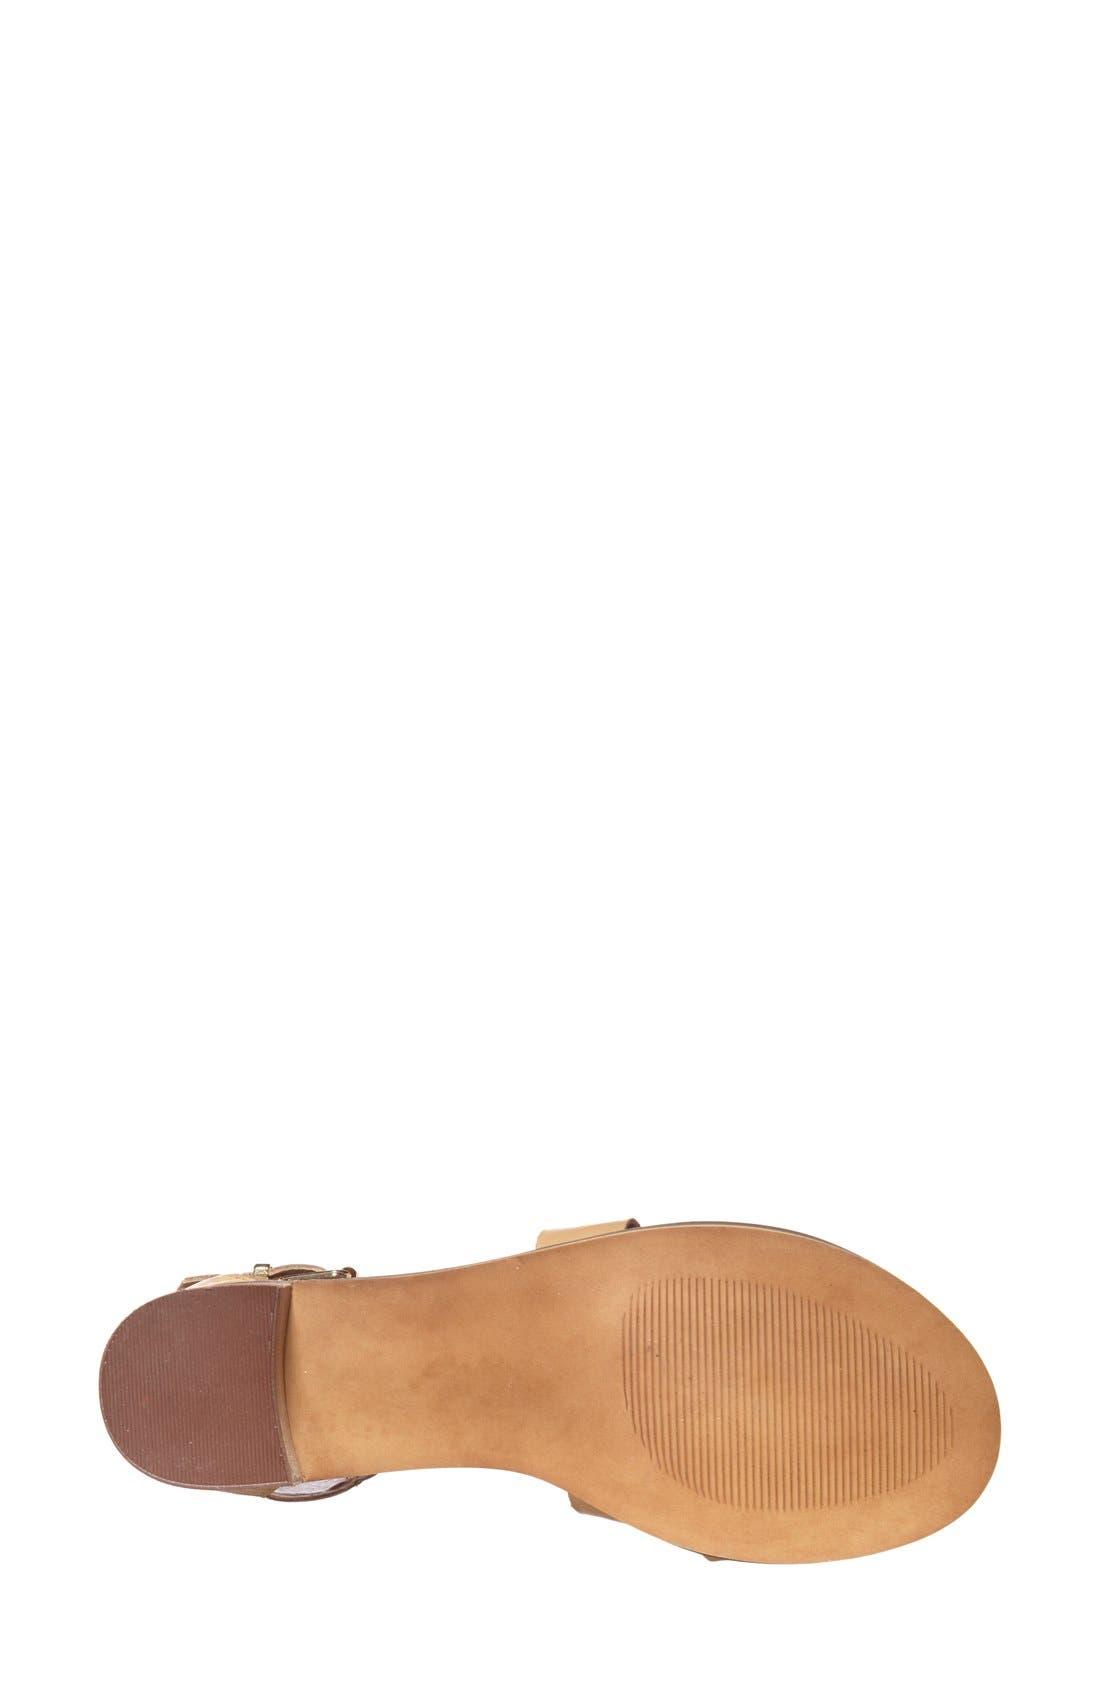 Alternate Image 5  - Steve Madden 'Rosana' Double Ankle Strap Leather Sandal (Women)